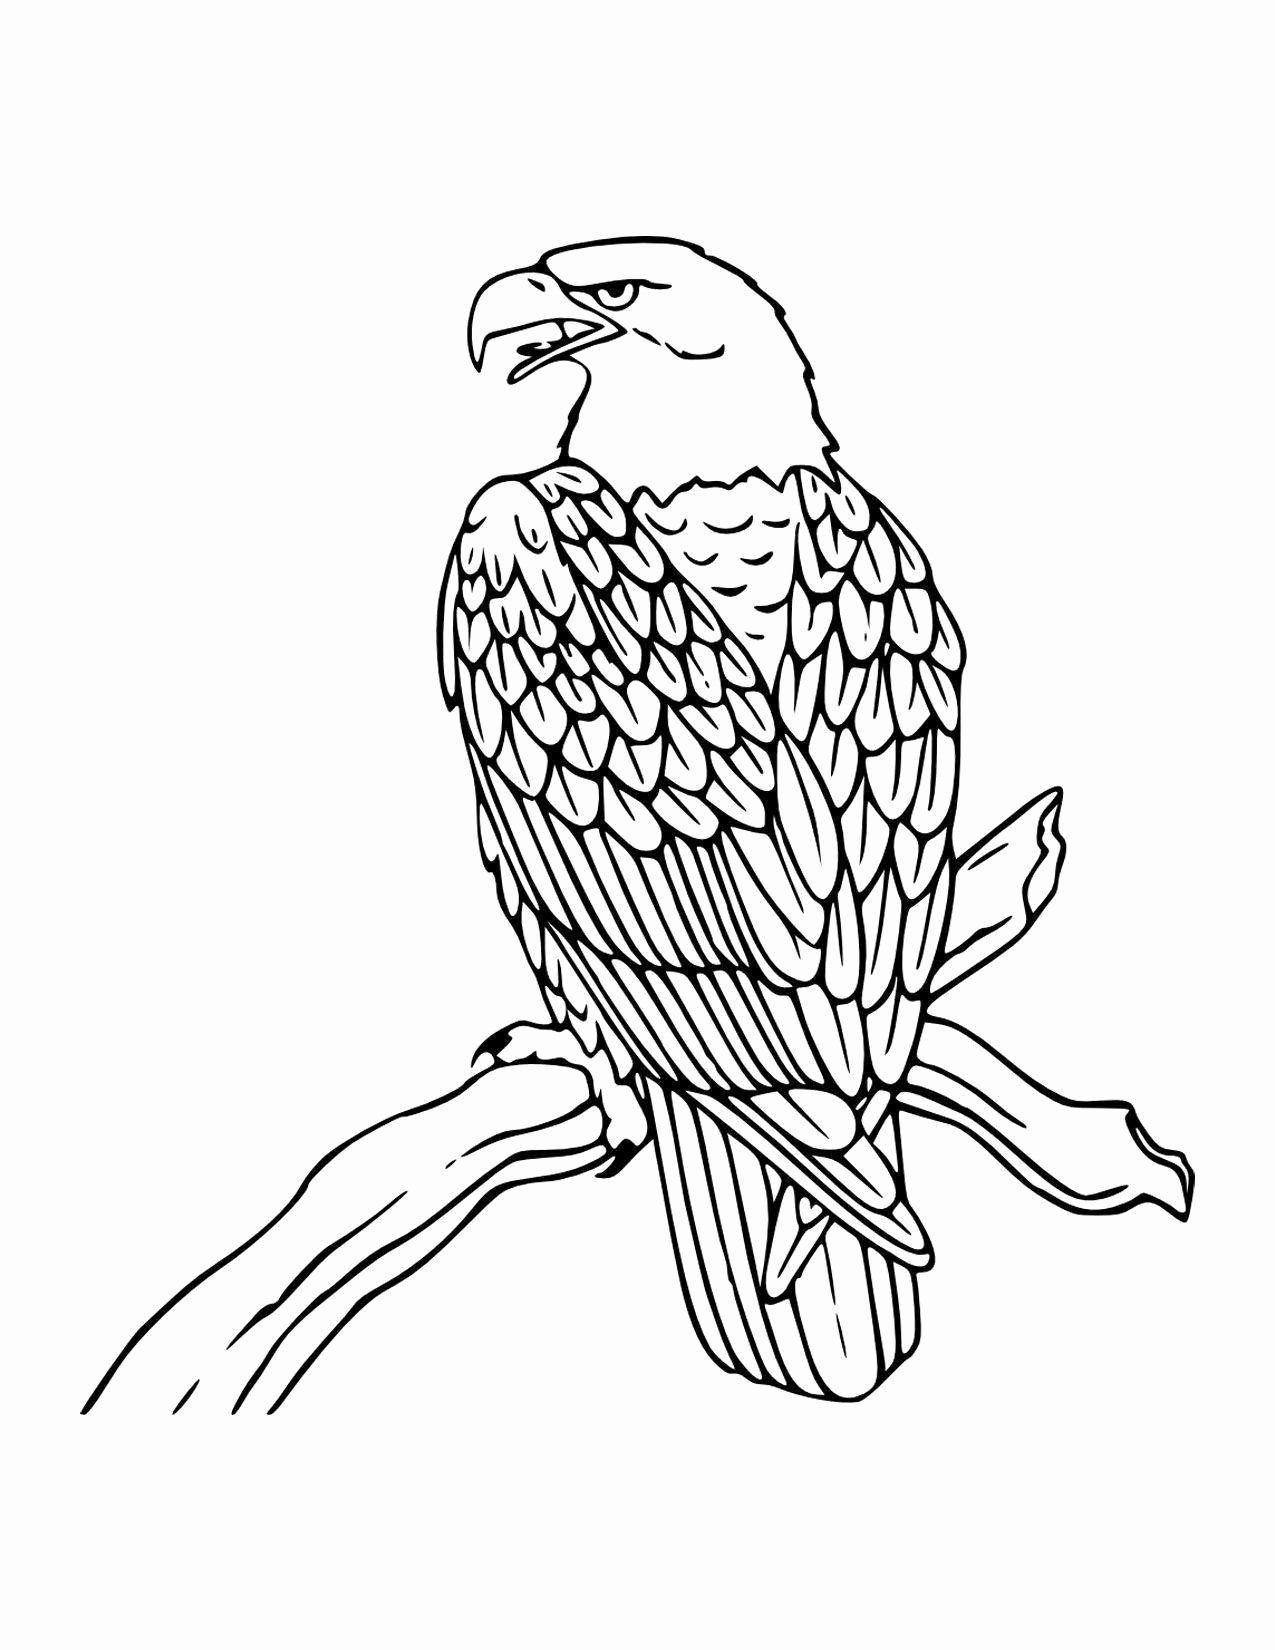 Weißkopfseeadler Malvorlagen Neue Weißkopfseeadler ...